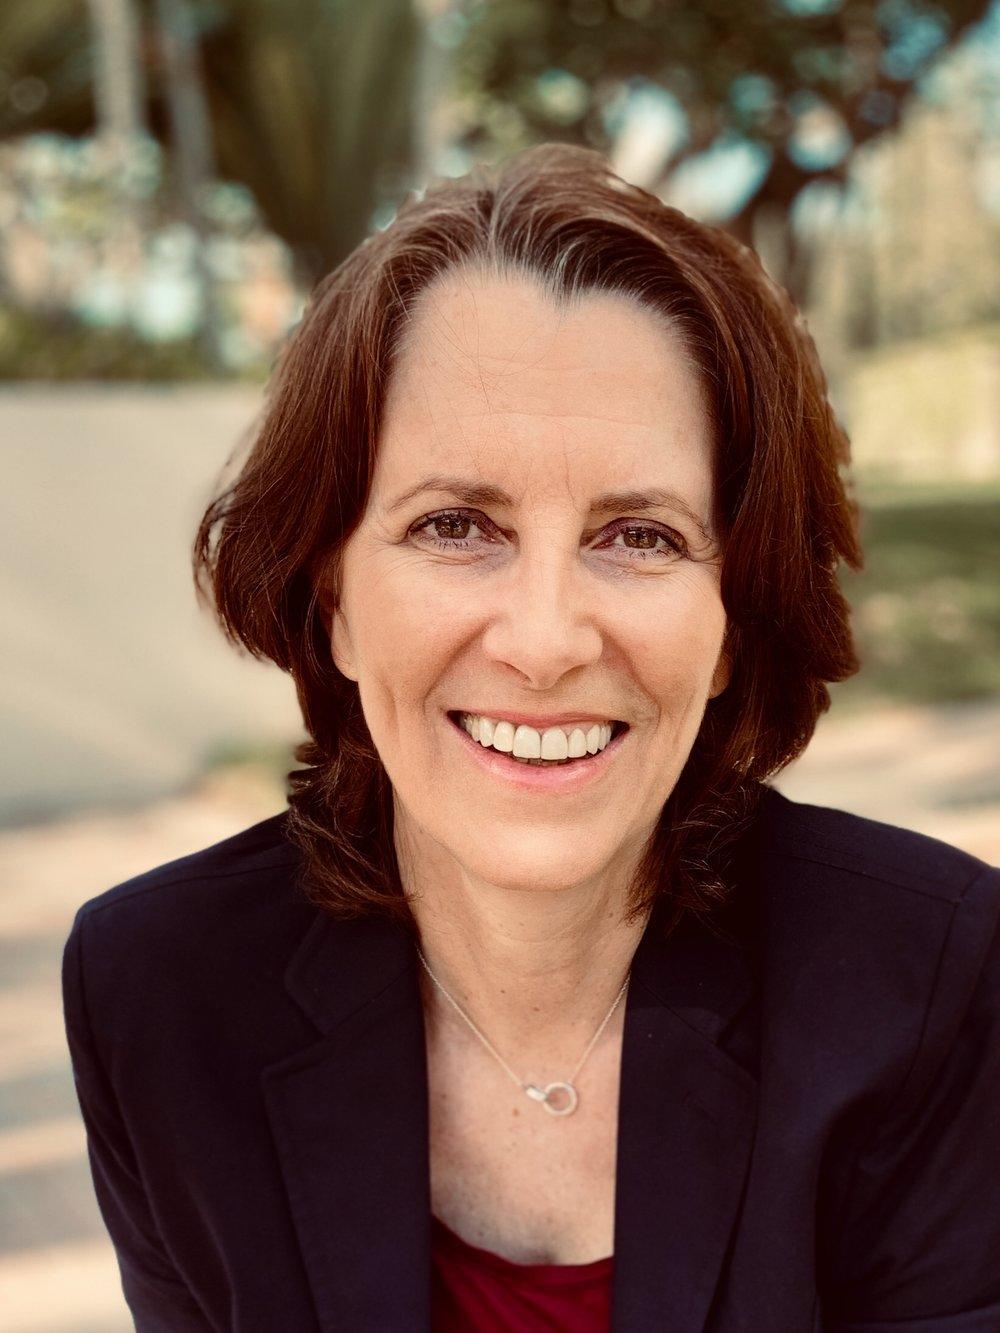 Valerie Freilich